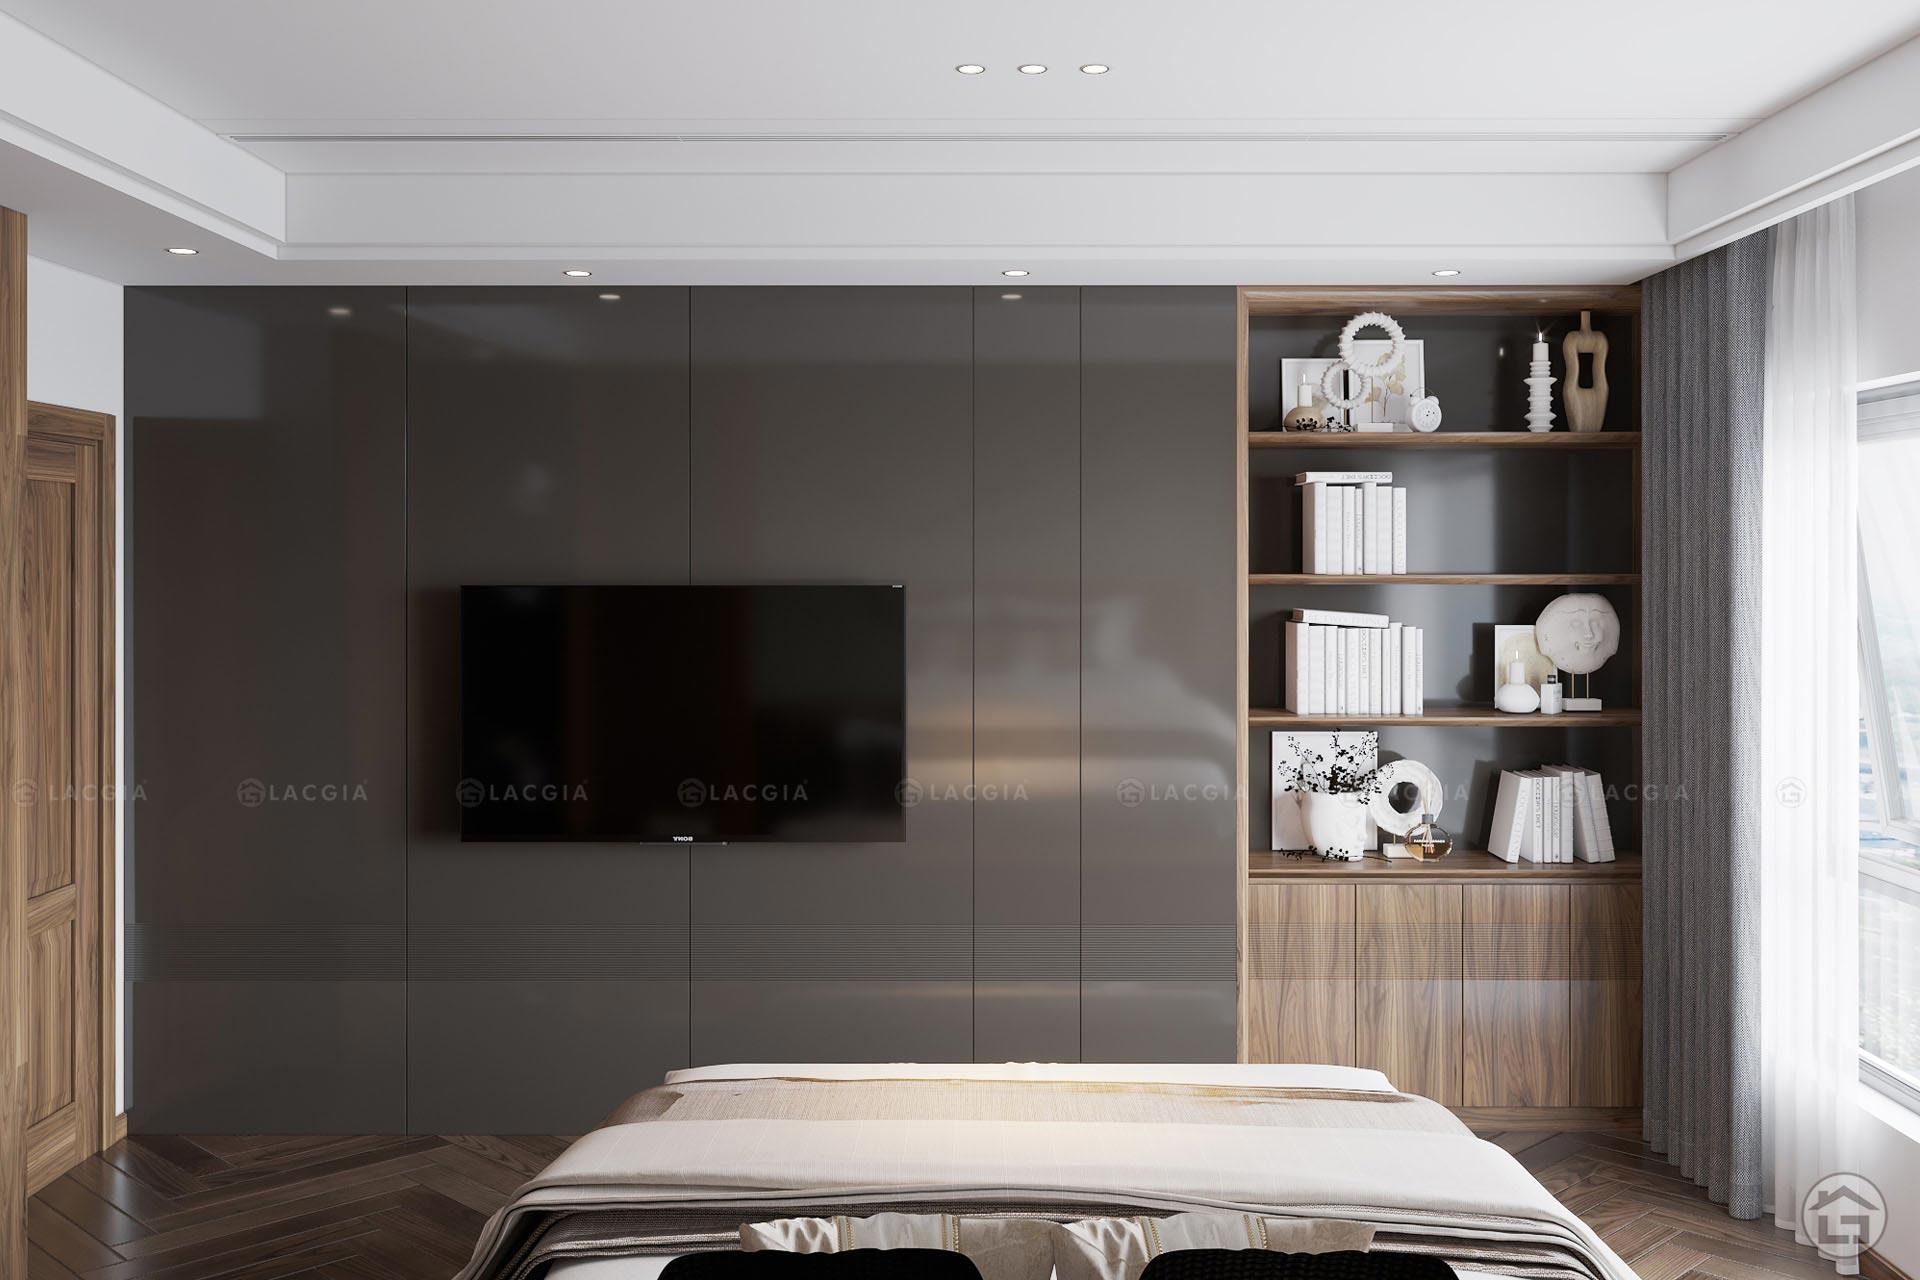 thiet ke noi that chung cu king place 124m2 9 - Thiết kế nội thất chung cư cao cấp King Palace